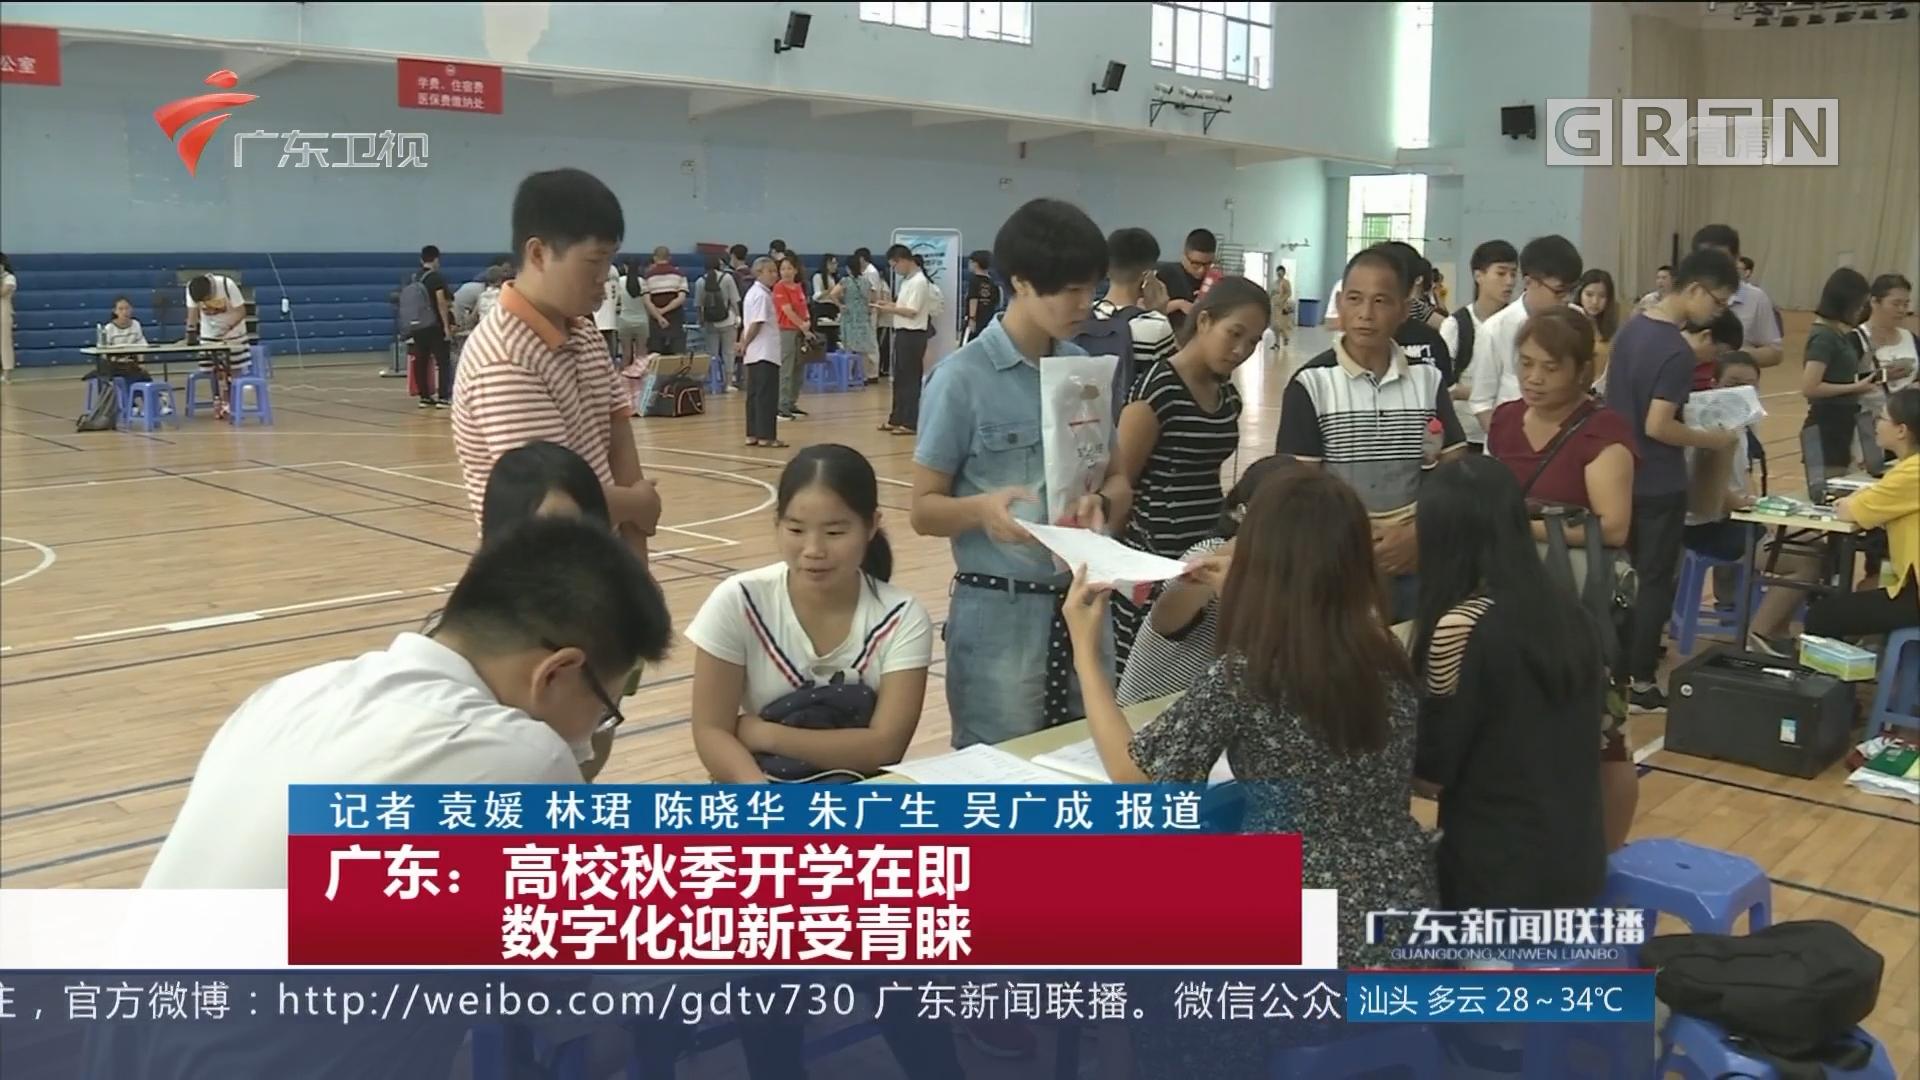 广东:高校秋季开学在即 数学化迎新受青睐